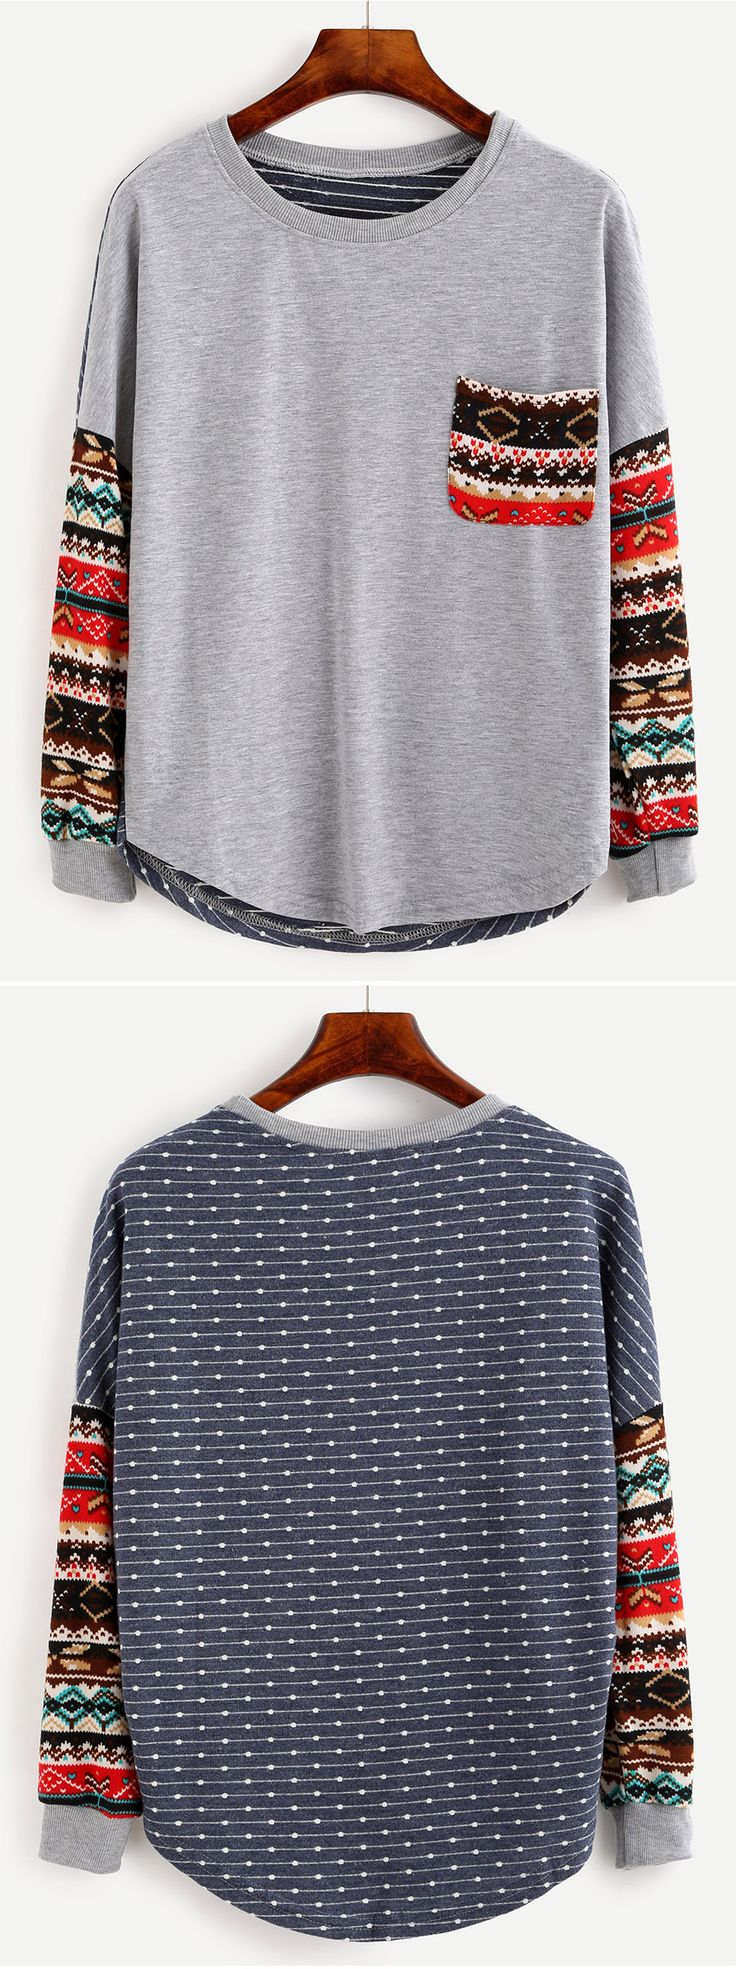 Tribal tshirt. Cozy shirt for autumn.